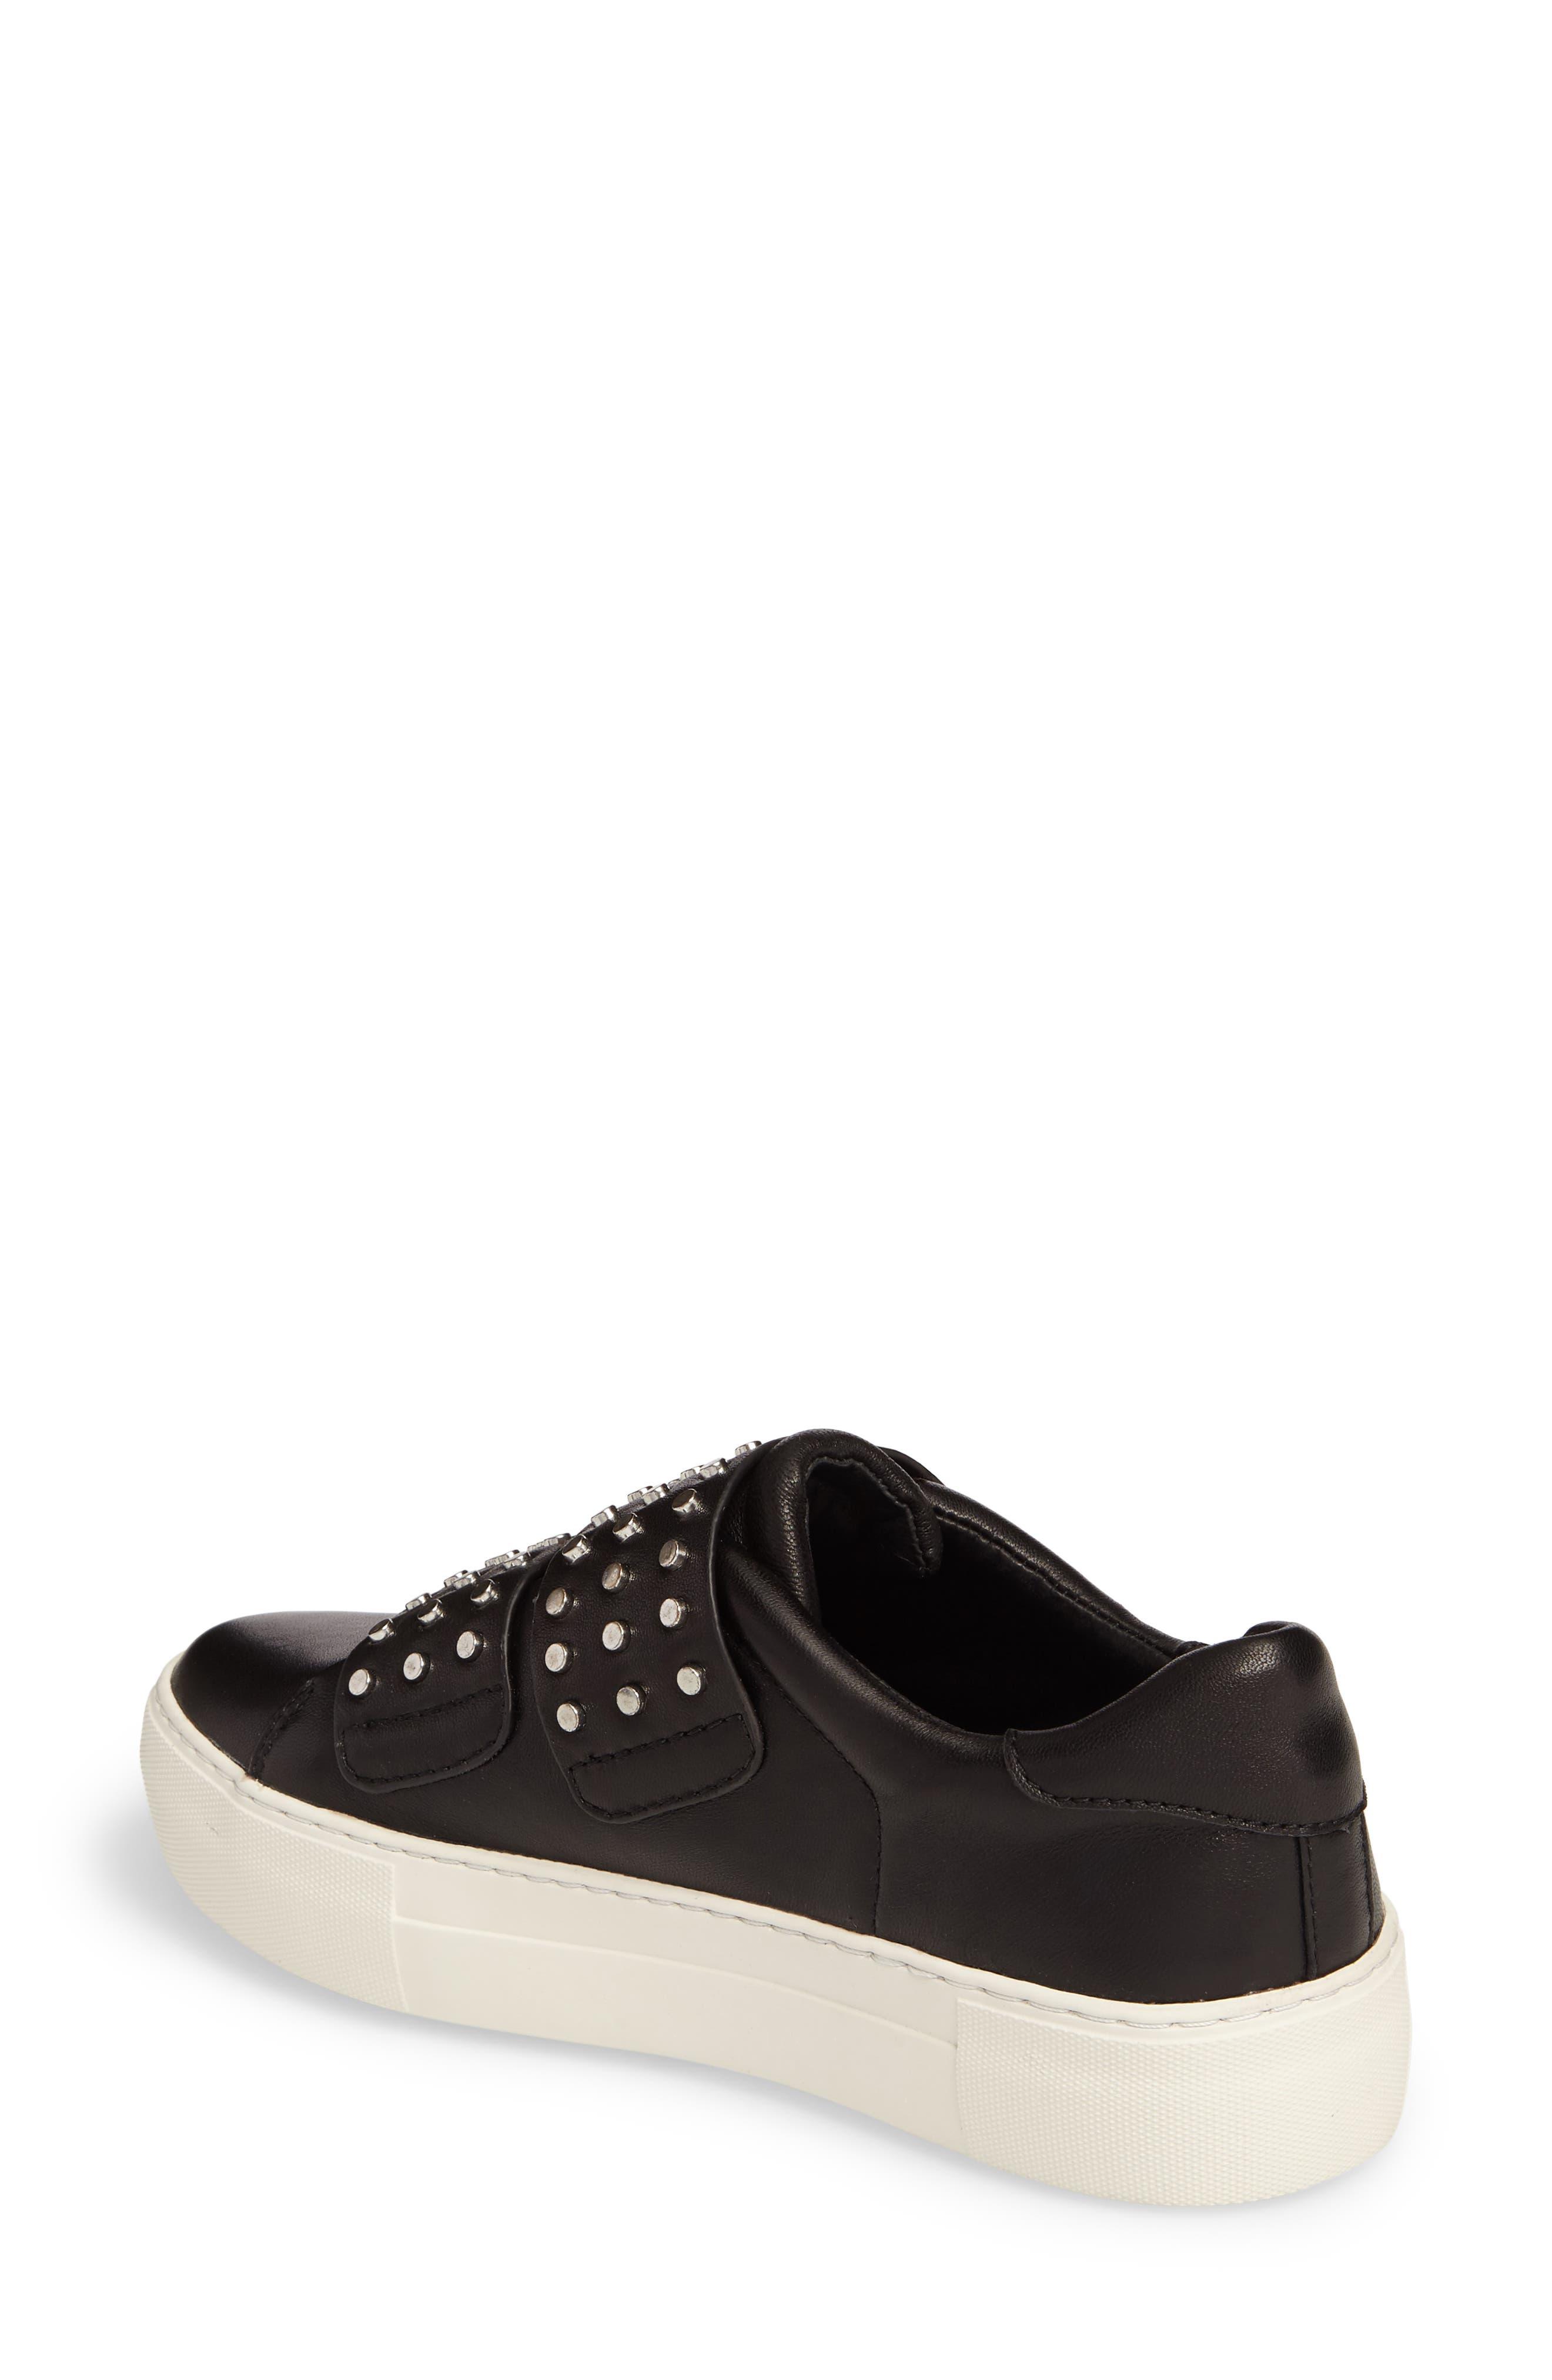 Alternate Image 2  - JSlides Accent Slip-On Sneaker (Women)